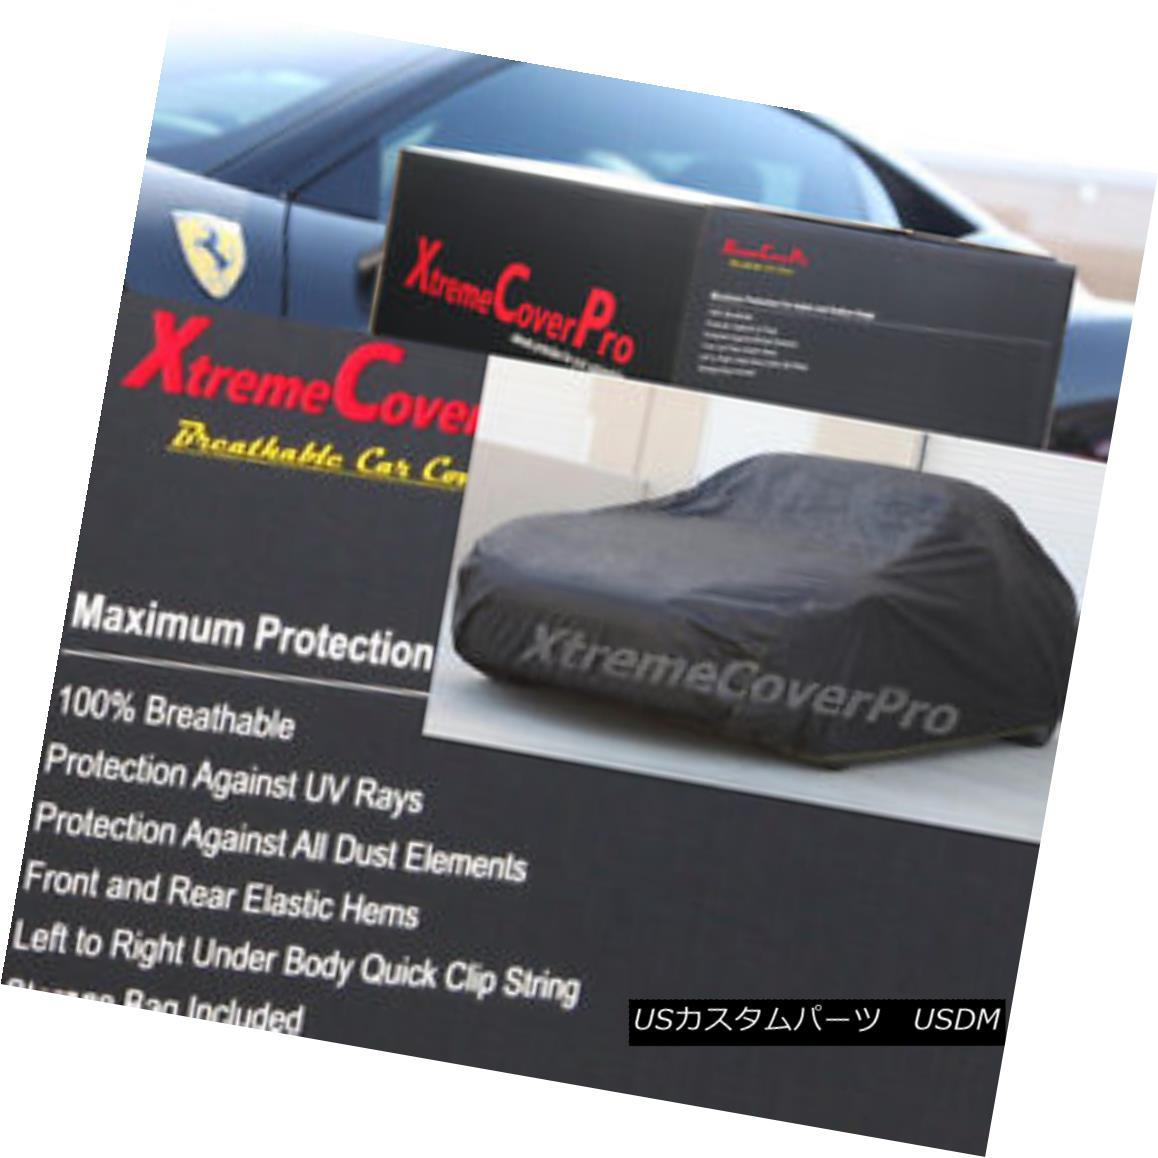 カーカバー 2005 2006 2007 2008 2009 Honda S2000 Breathable Car Cover 2005年2006年2007年2008年2009年ホンダS2000通気性車カバー